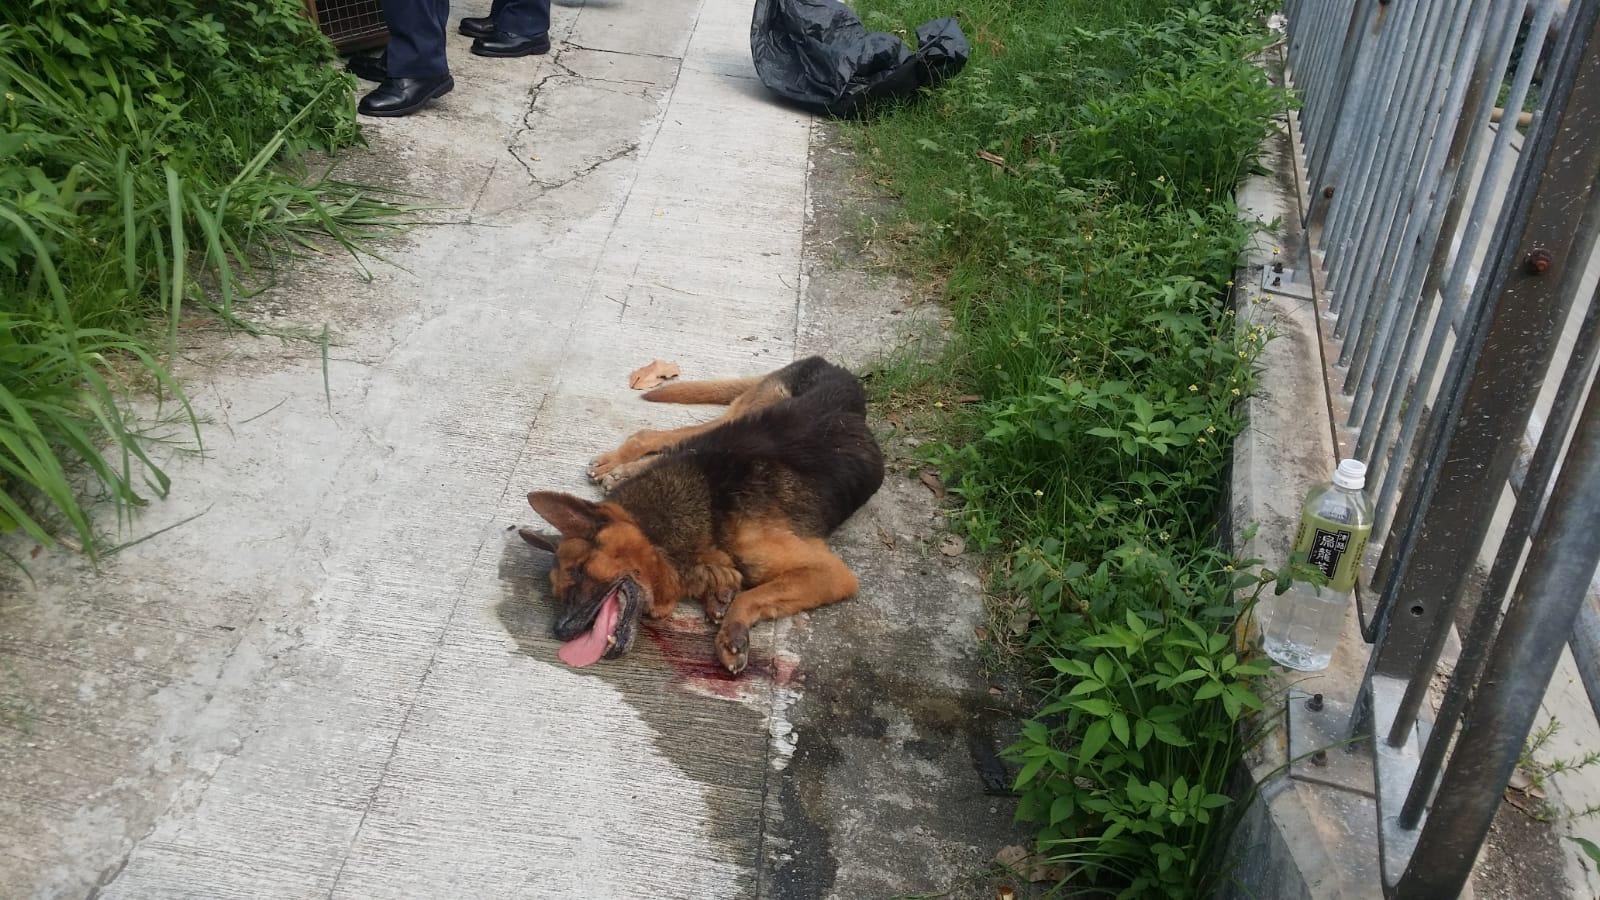 虎地下村有狗隻頸部被圍上鐵線,受傷倒地,現場留有血跡。